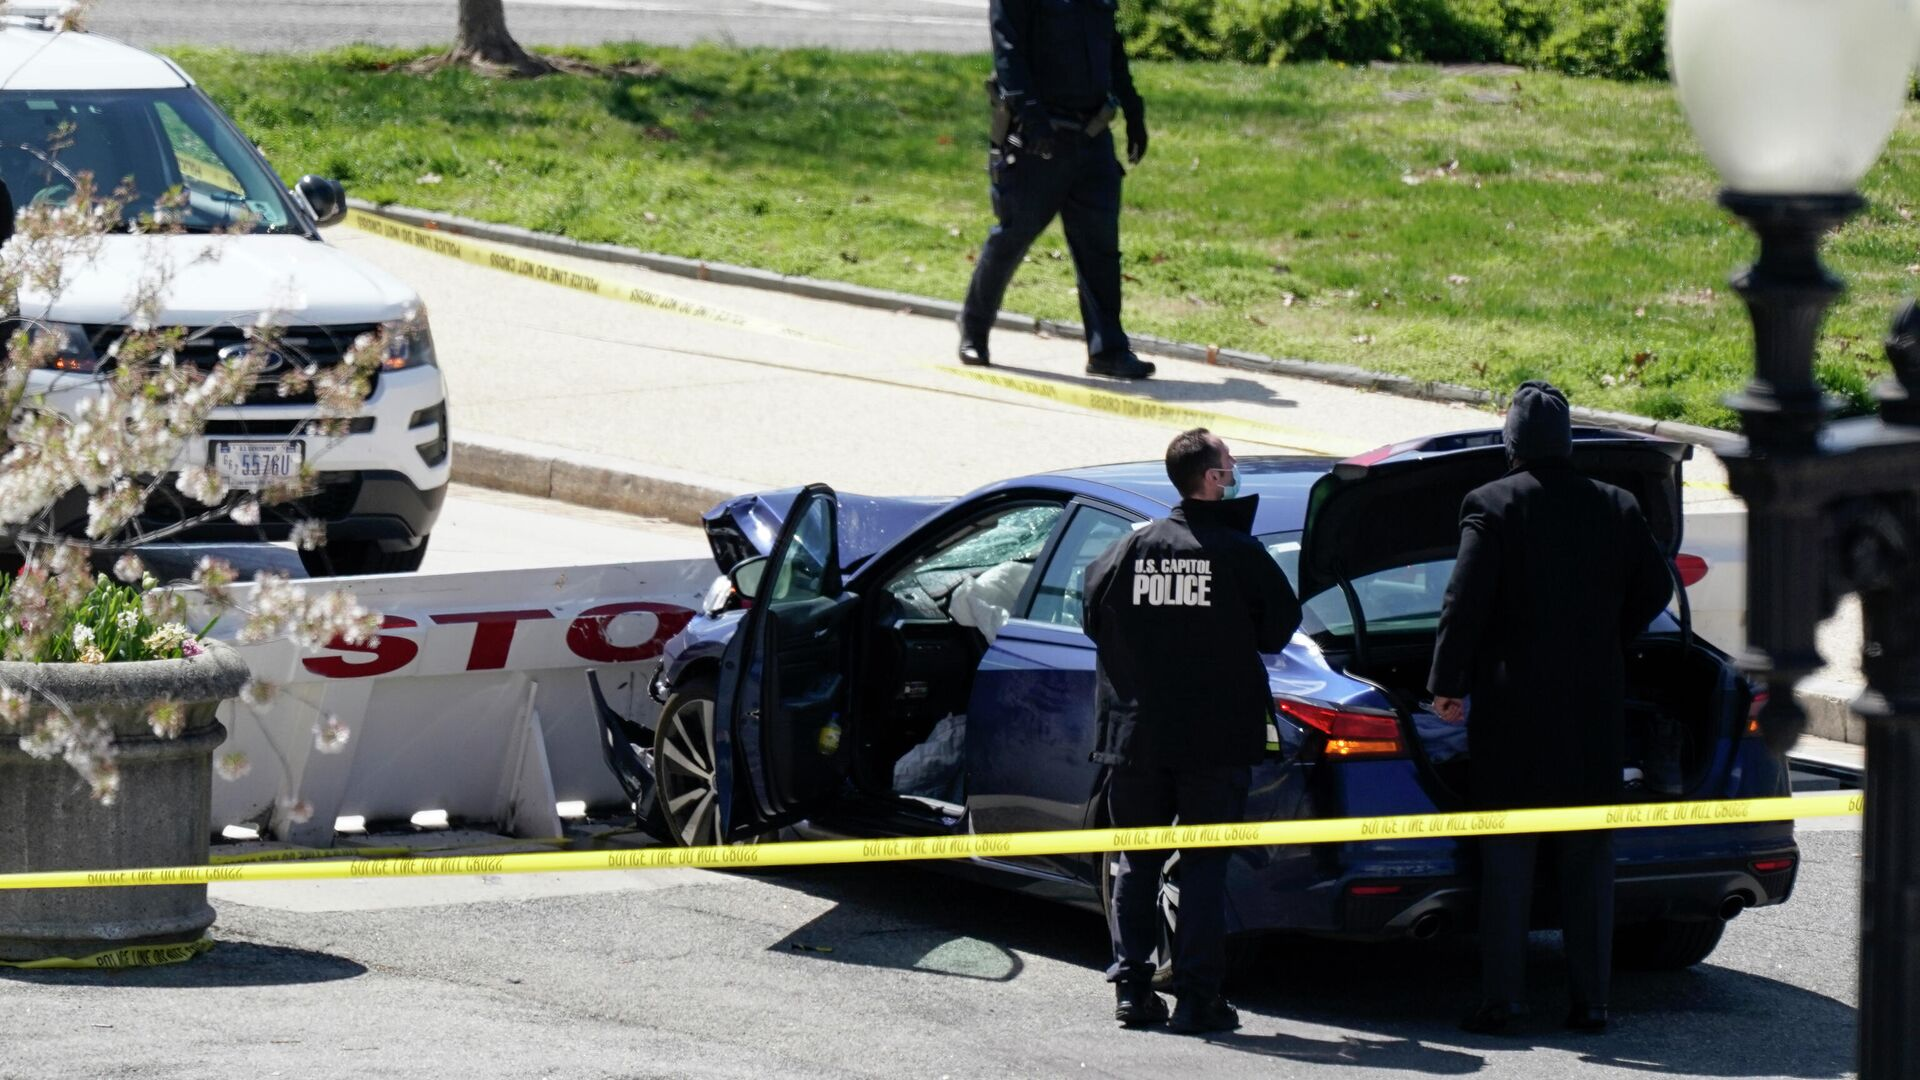 Офицеры полиции Капитолия США возле автомобиля, который врезался в заграждение на Капитолийском холме в Вашингтоне - РИА Новости, 1920, 03.04.2021